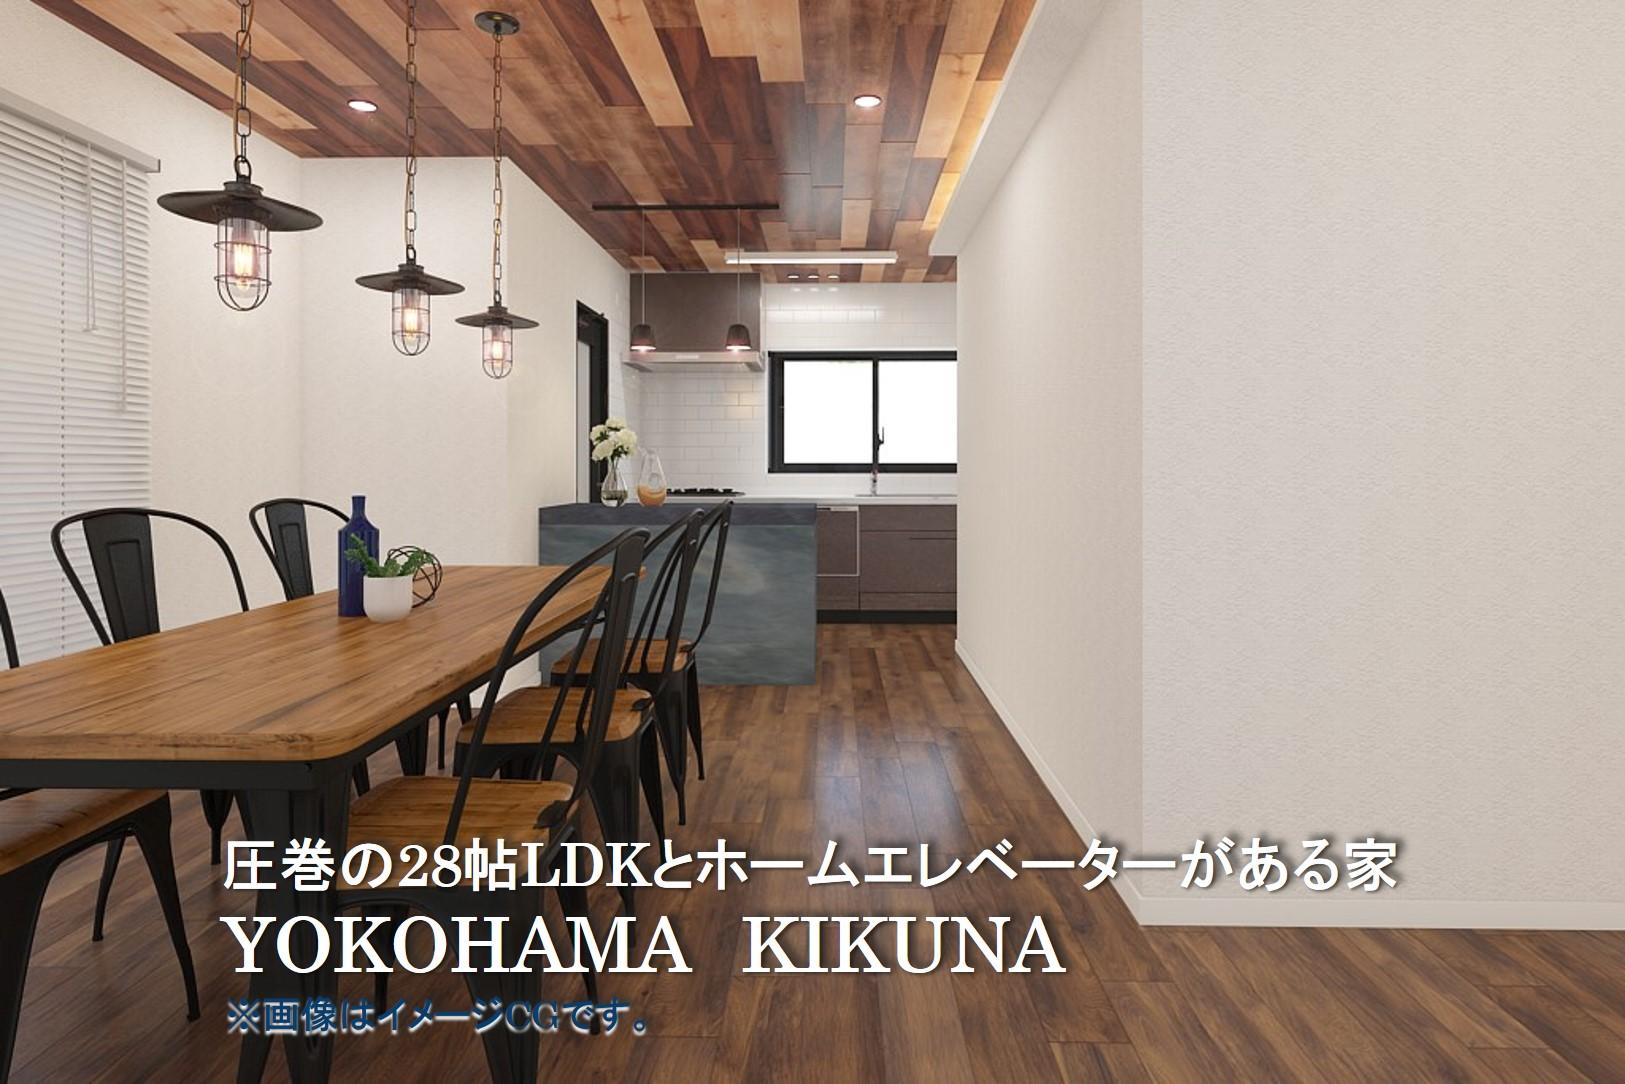 圧巻の28帖LDKとホームエレベーターがある家|YOKOHAMA KIKUNA